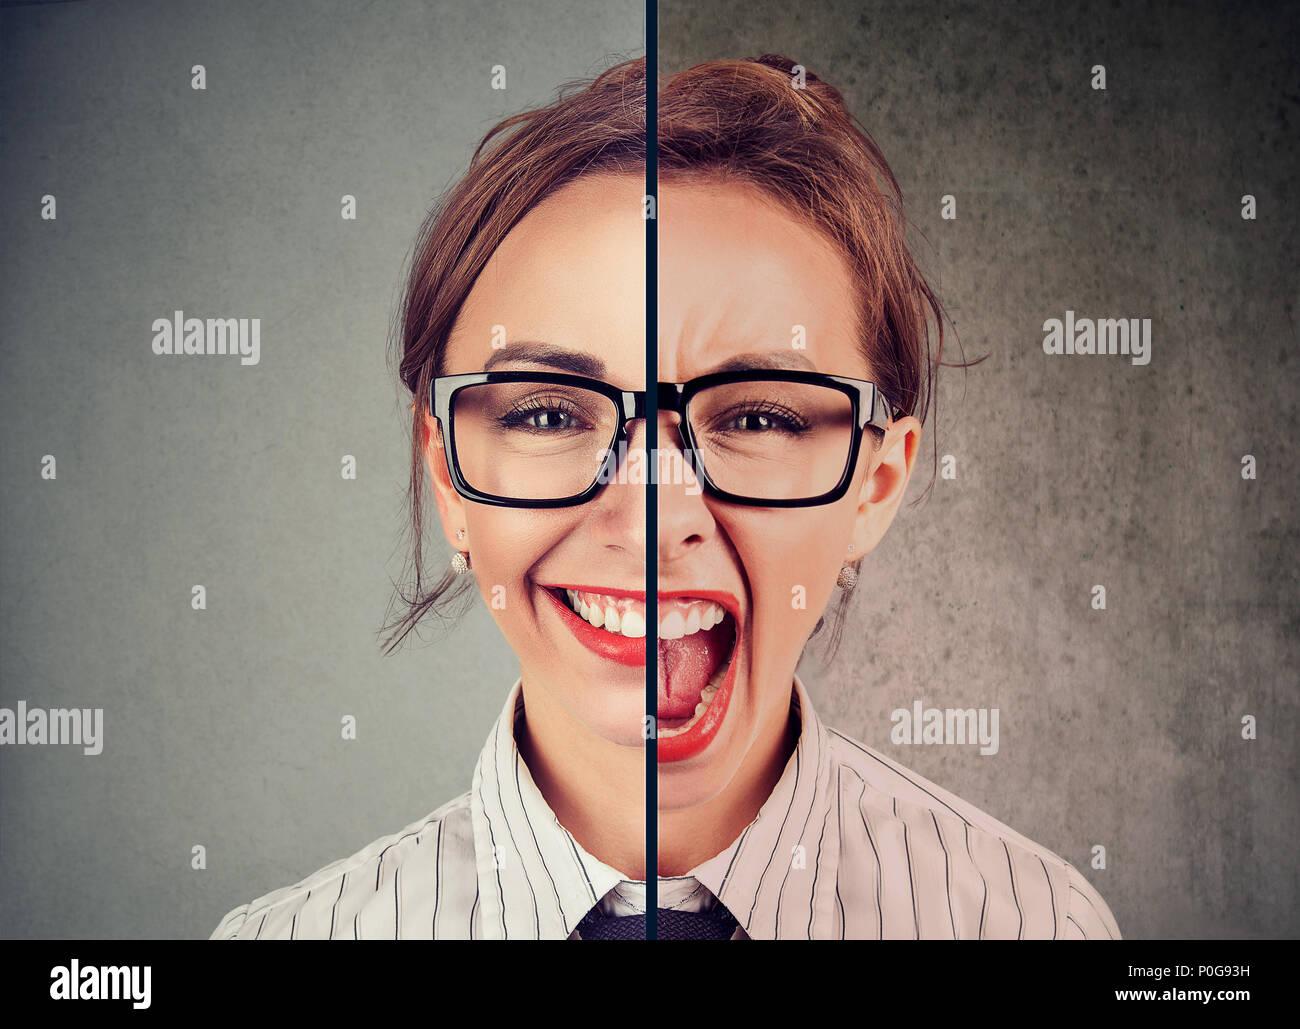 Disturbo Bipolare concetto. Giovane donna con doppio fronte di espressione isolato su sfondo grigio Immagini Stock